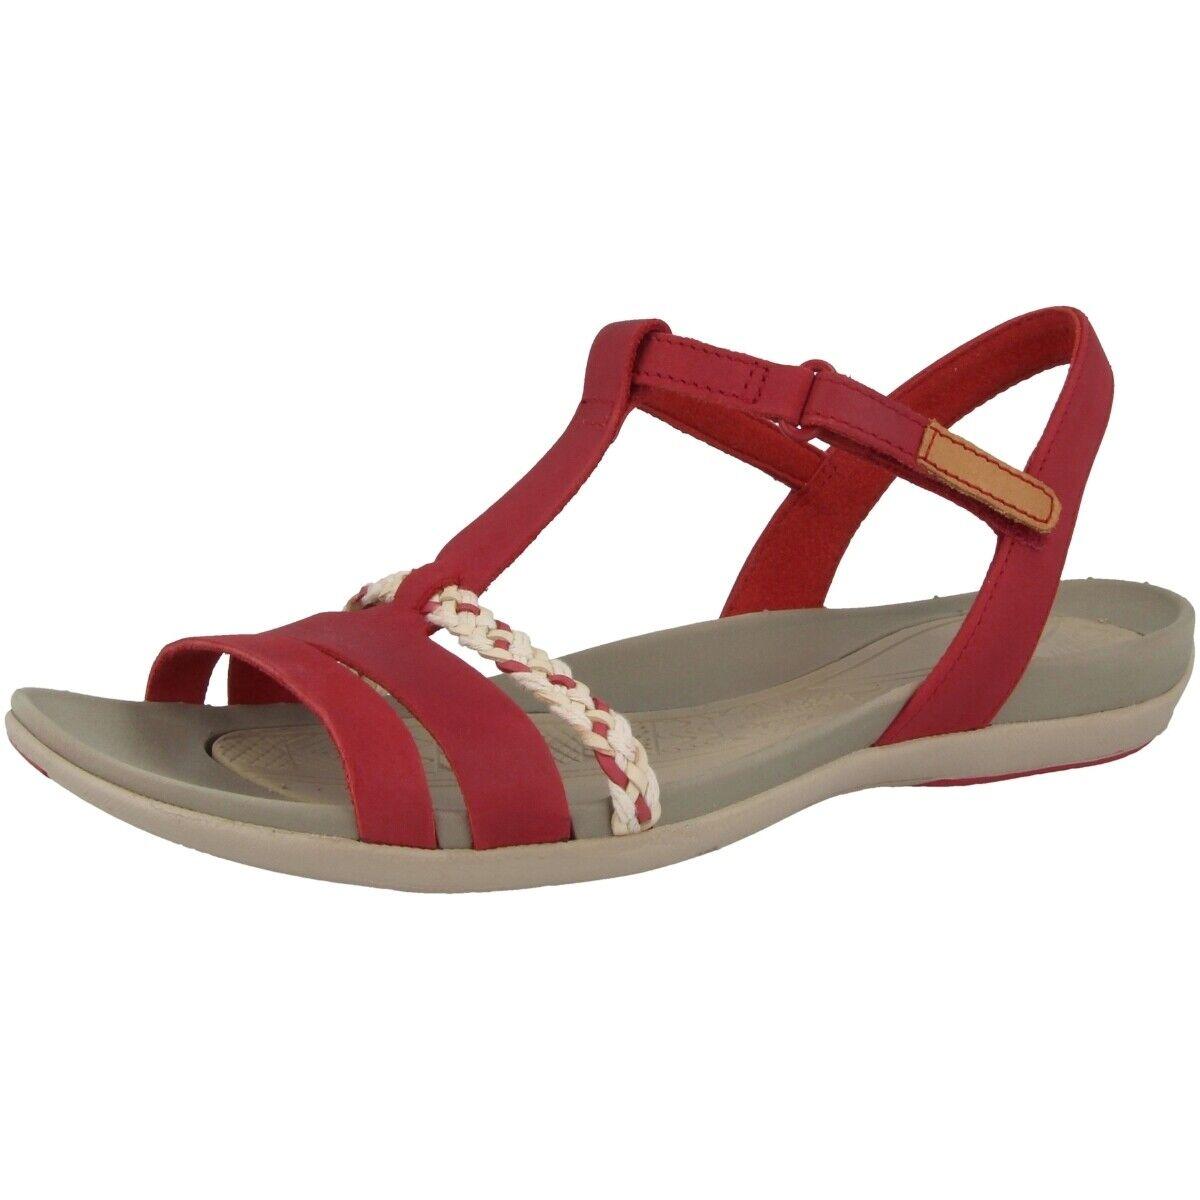 Clarks TEALITE Grace Sandalo Da Donna Donna Donna Tempo Libero Sandali IN PELLE rosso NAB 5c7e2f